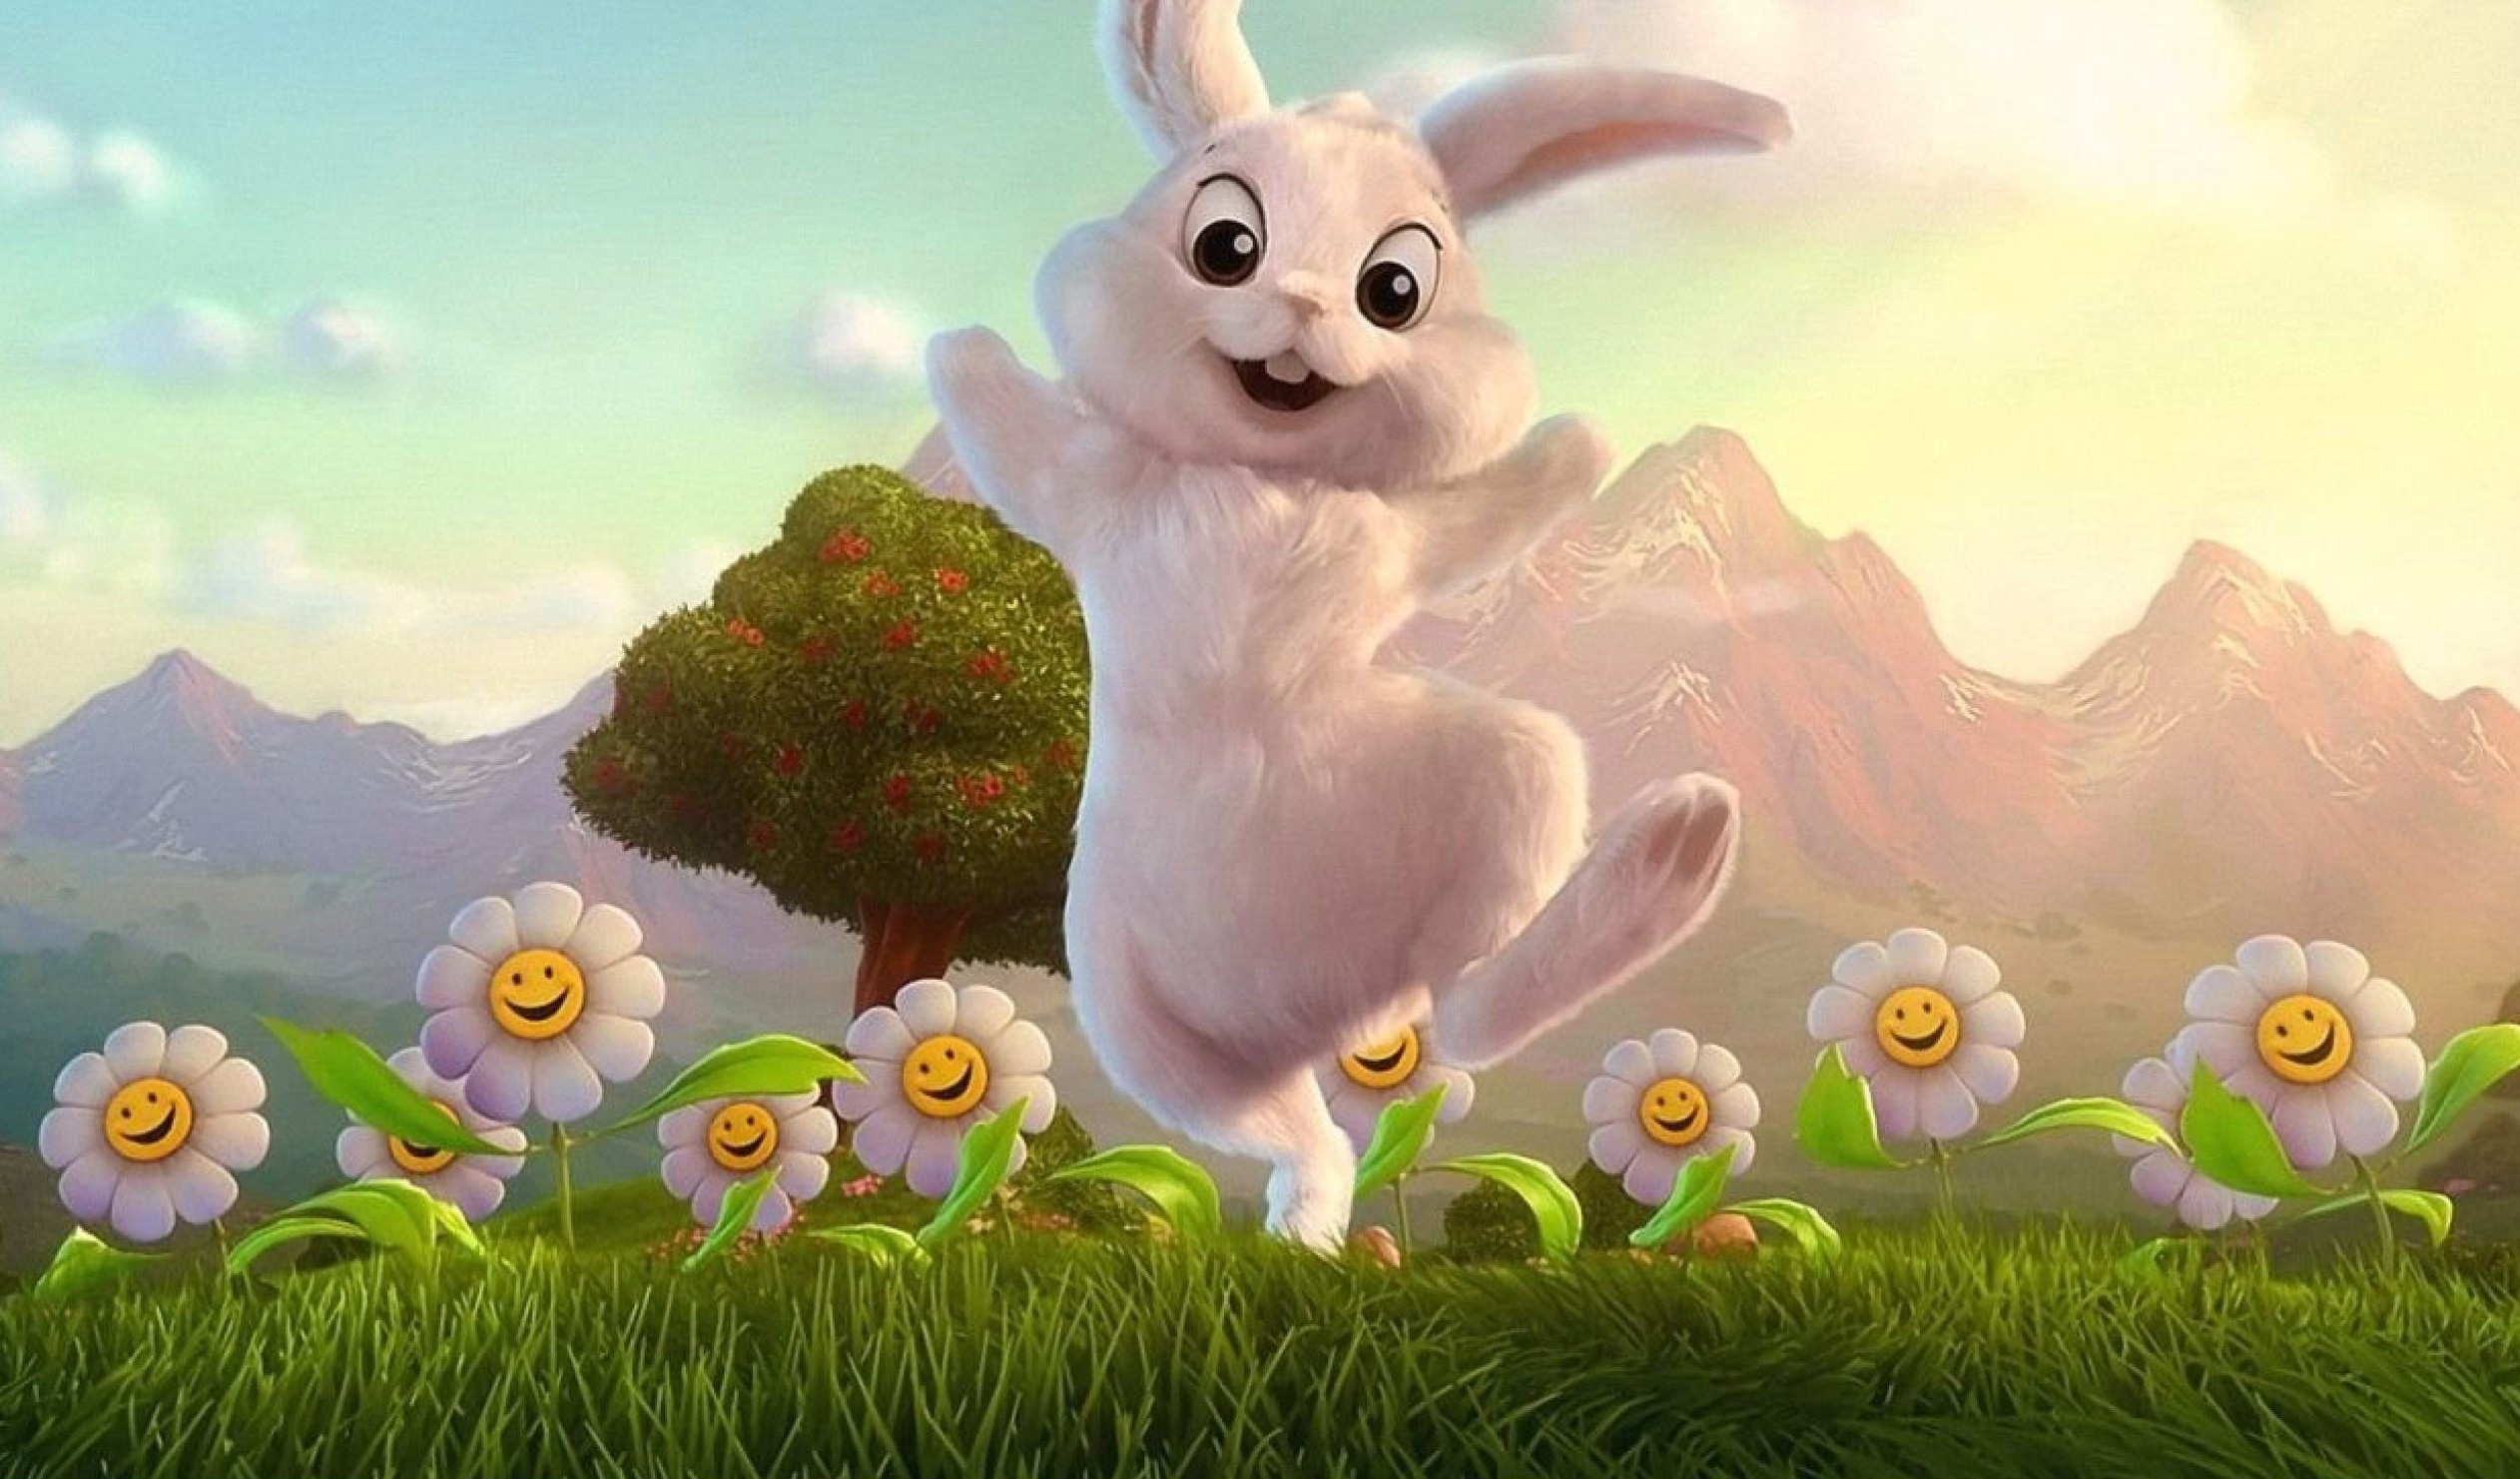 Happy Easter Bunny Desktop Wallpapers   New HD Wallpapers 2524x1481